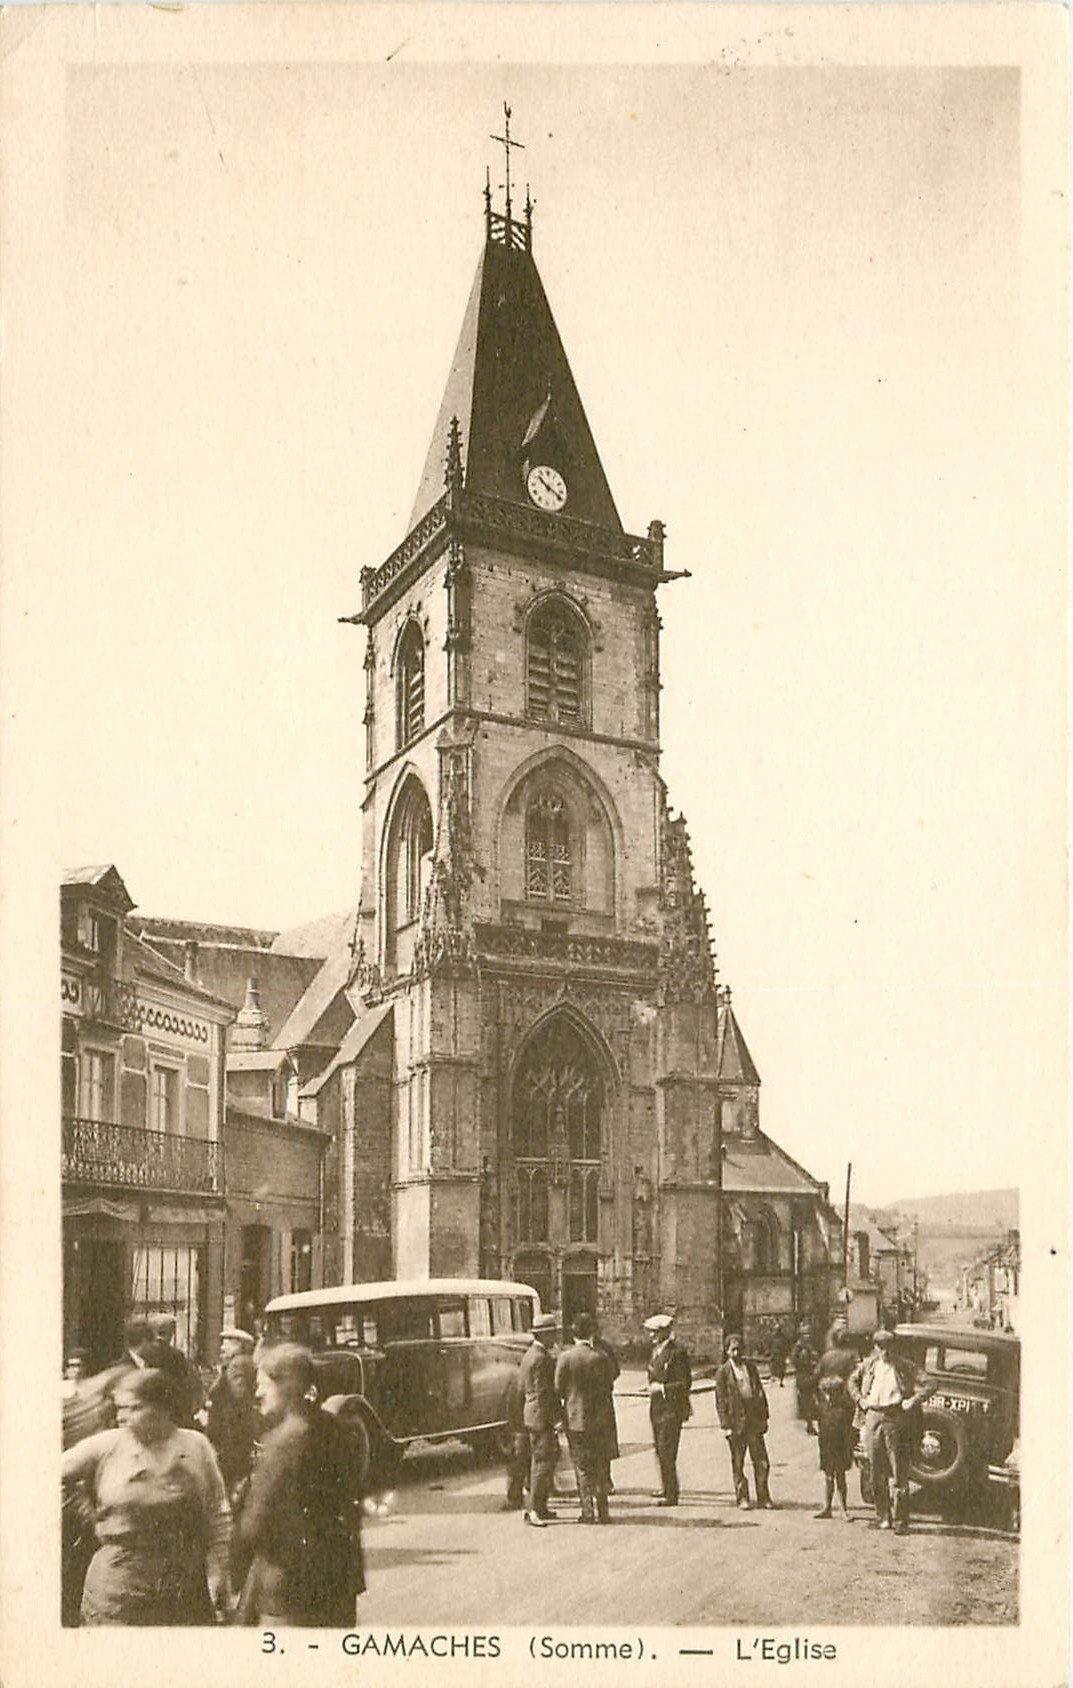 80 GAMACHES. Voiture car devant l'Eglise 1938